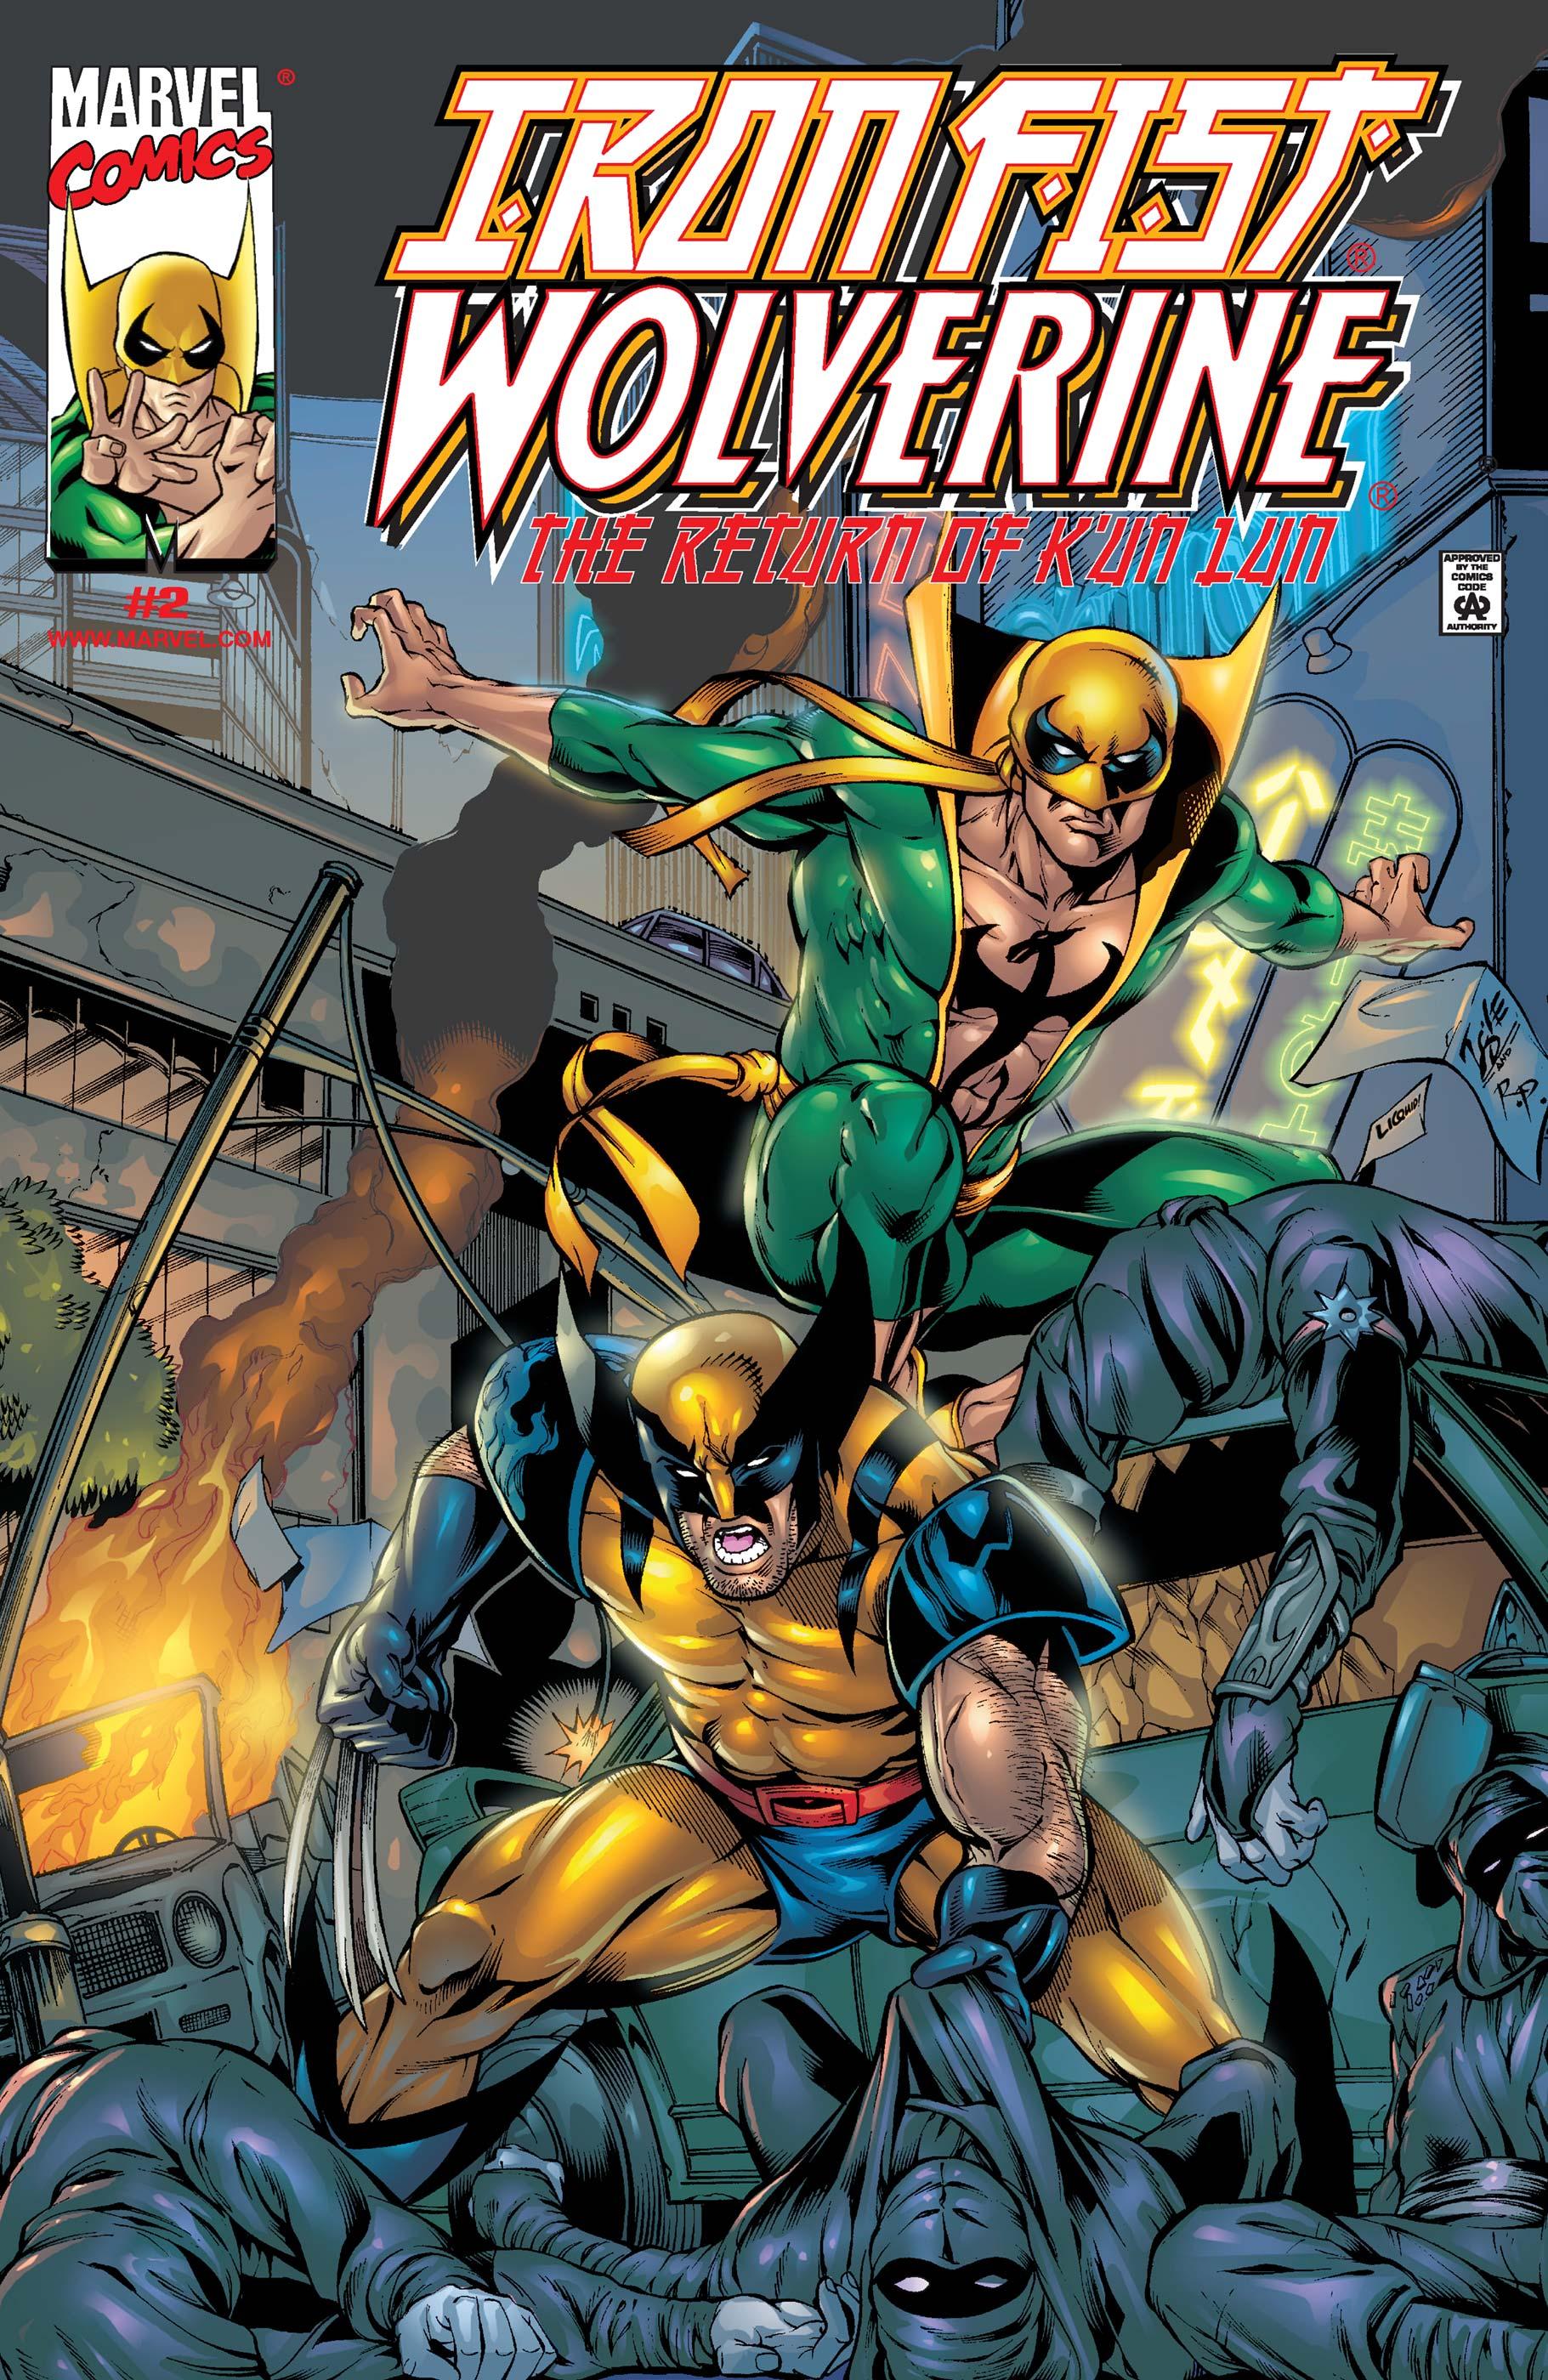 Iron Fist/Wolverine (2000) #2